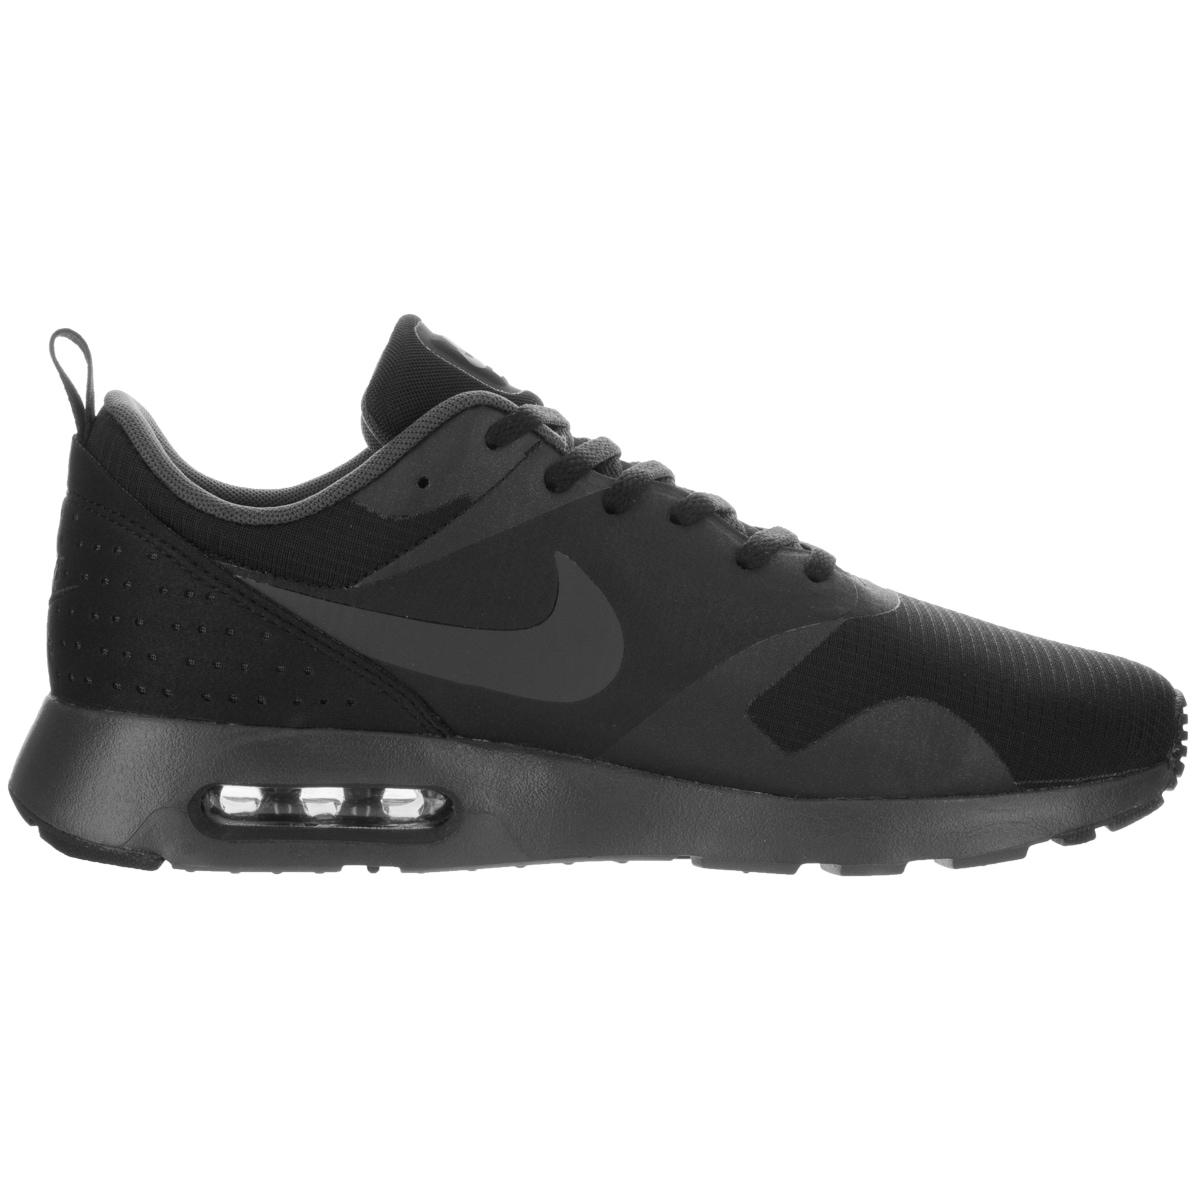 a1a0855c0c Nike-Mens-Air -Max-Tavas-Black-Anthracite-Black-Running-Shoe-Size-10-f215f135-b26b-4088-b078-31af95f22c2a.jpg